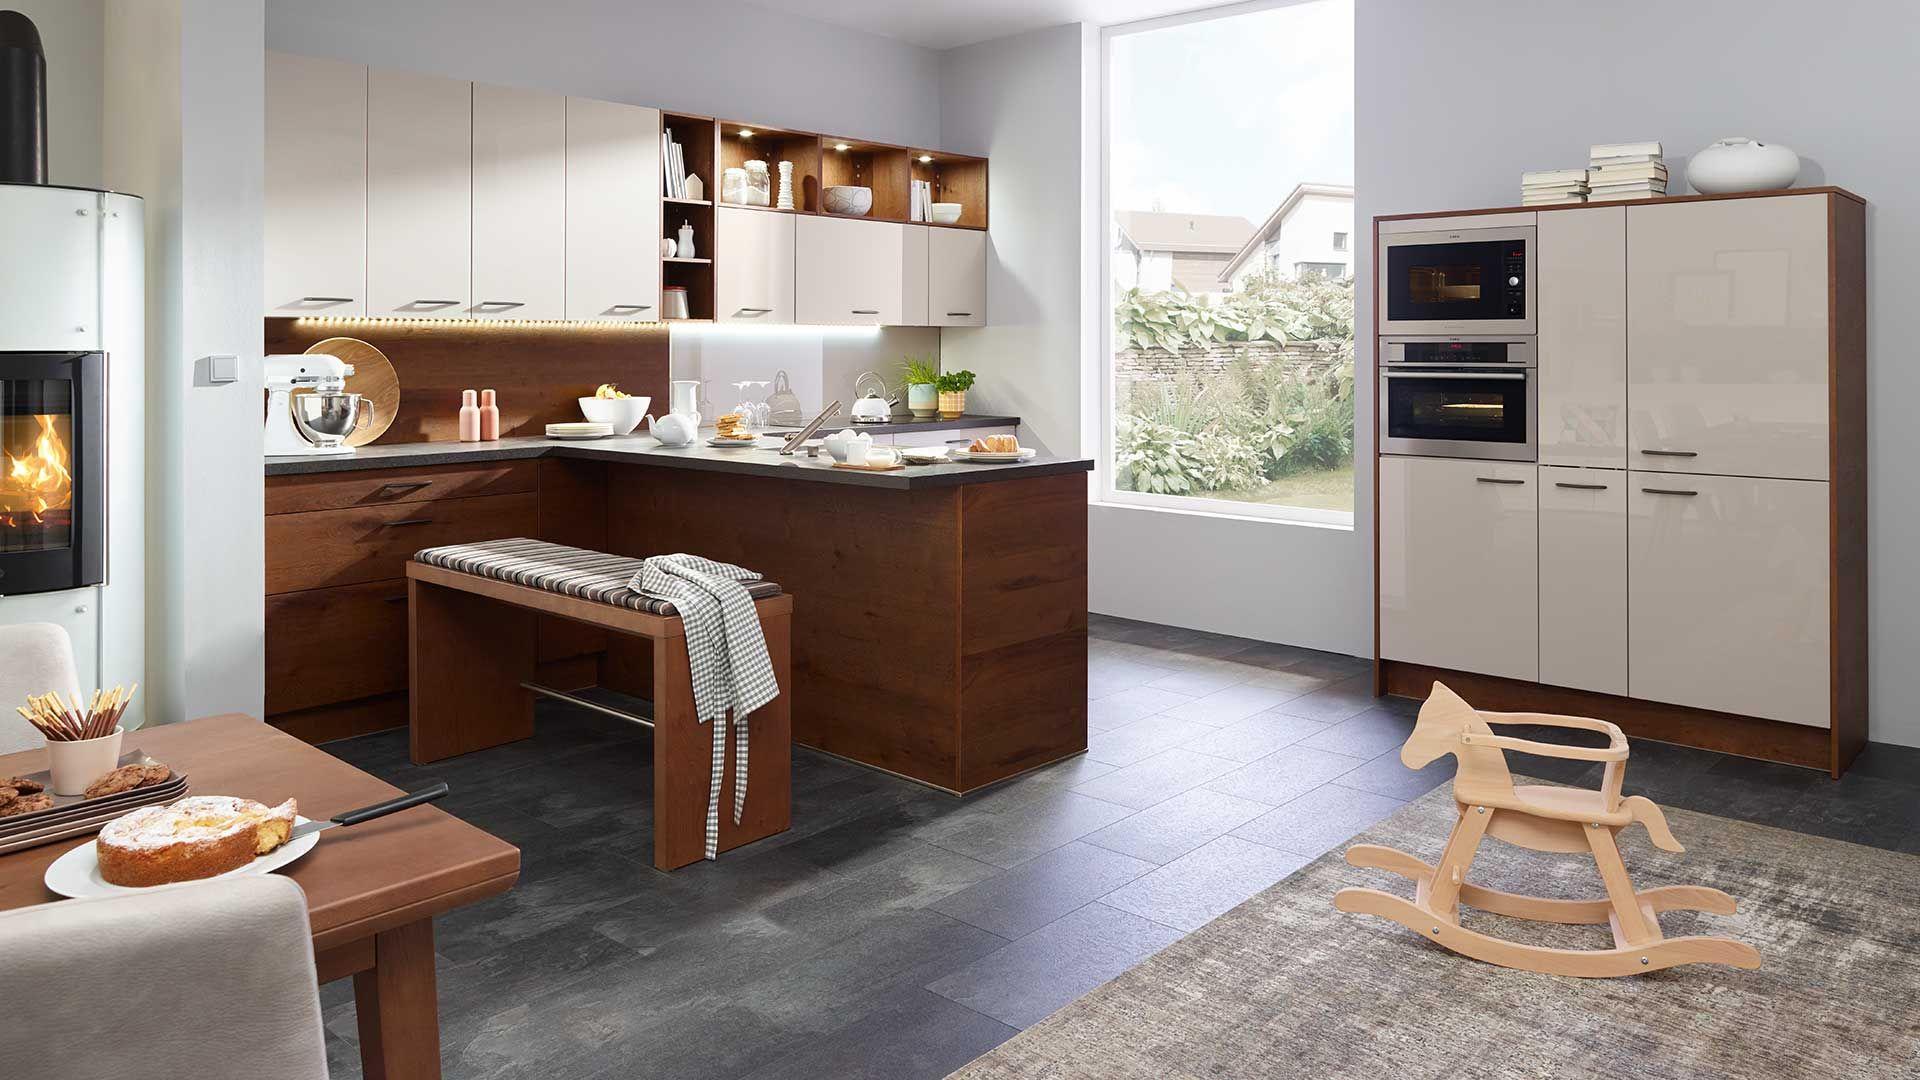 Sachsen Küchen cuisine oca kuchen sachsenküchen oca kuchen